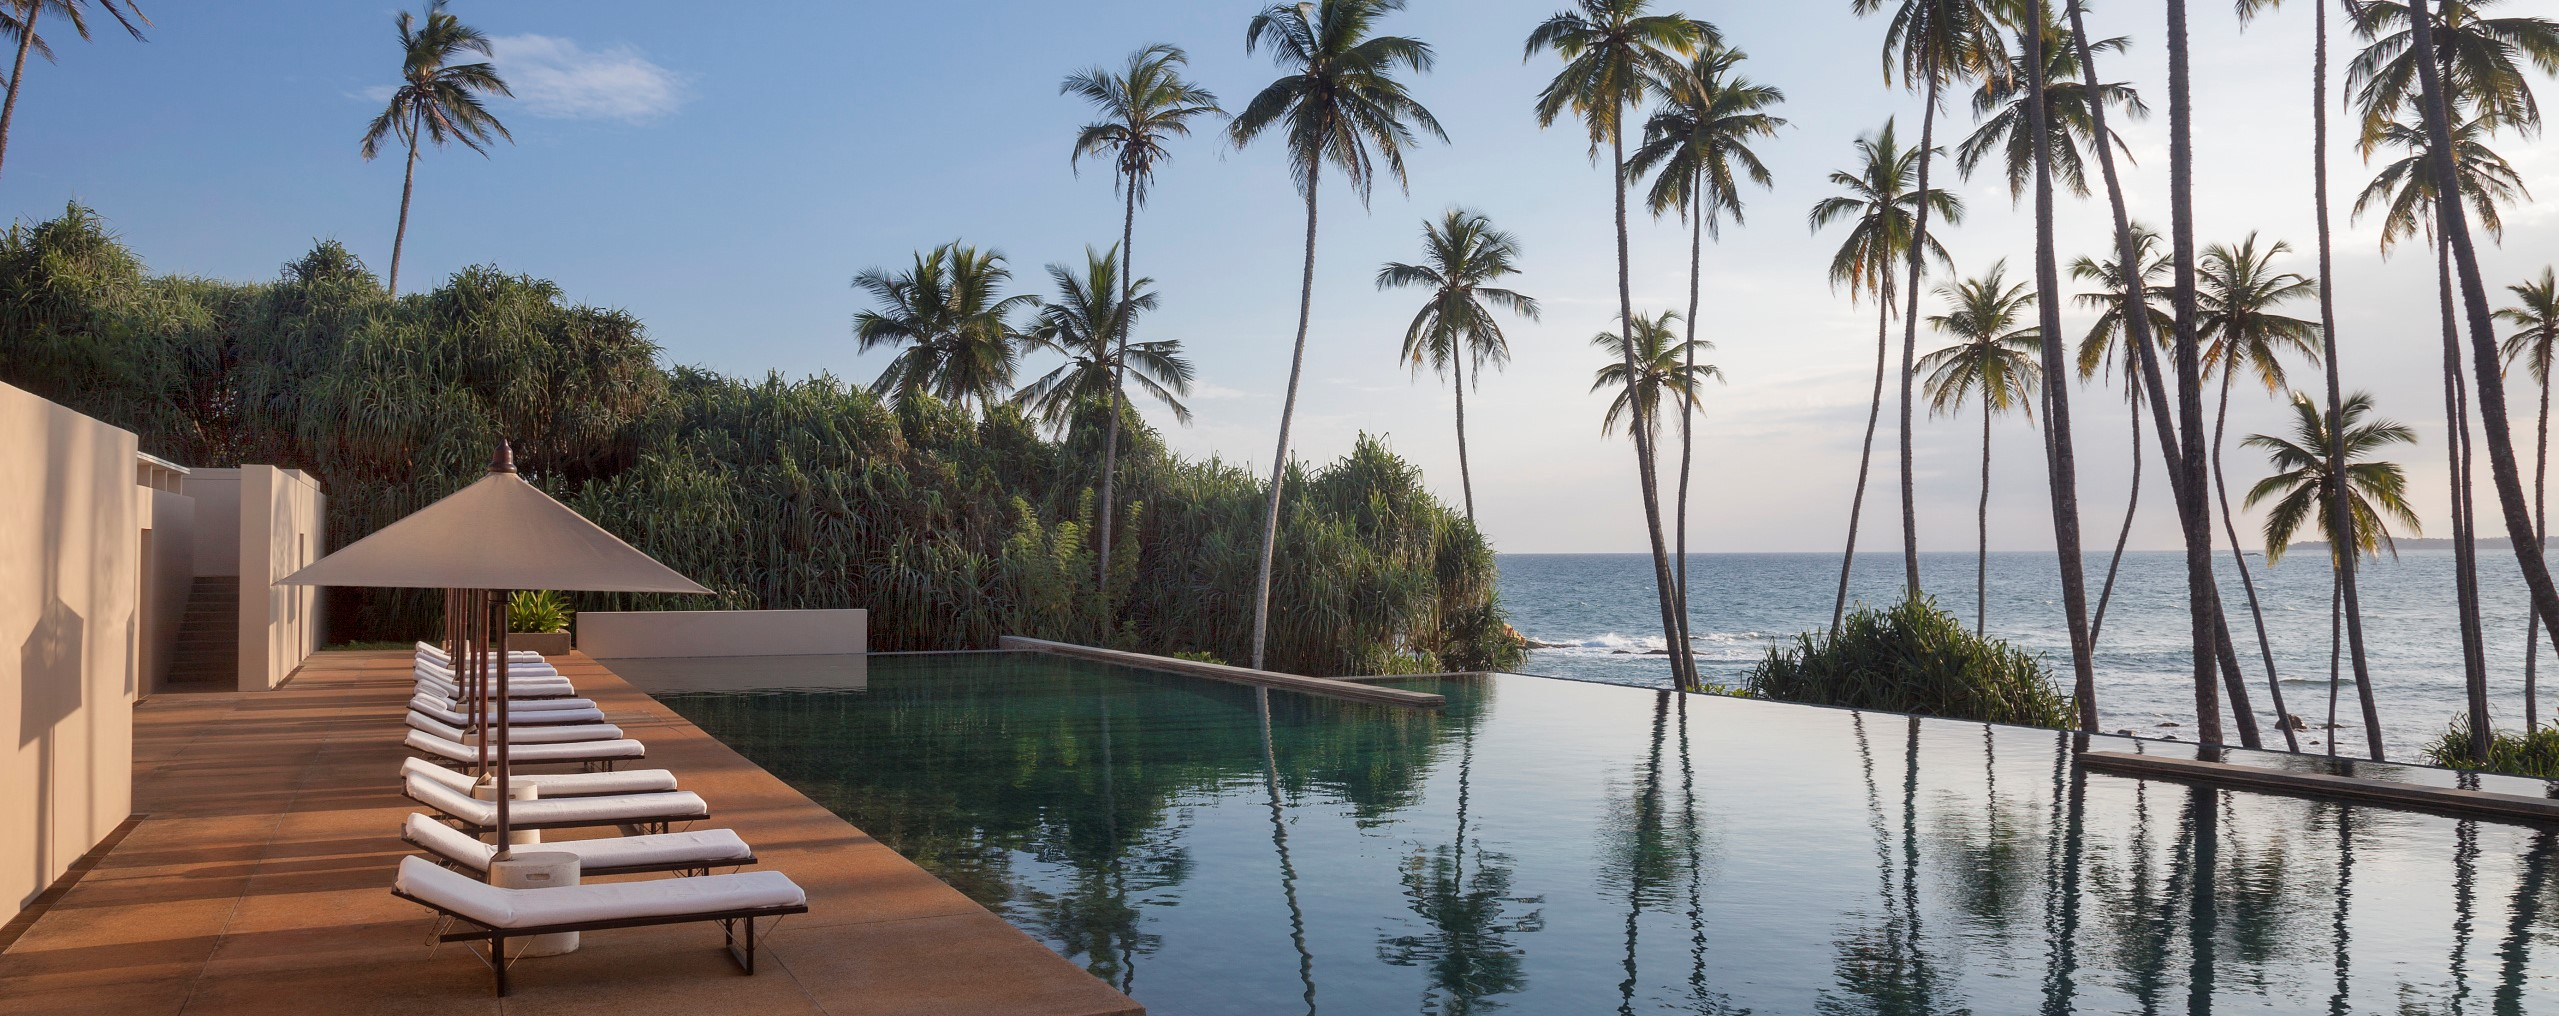 Amanwella-Sri-Lanka-Main-Swimming-Pool